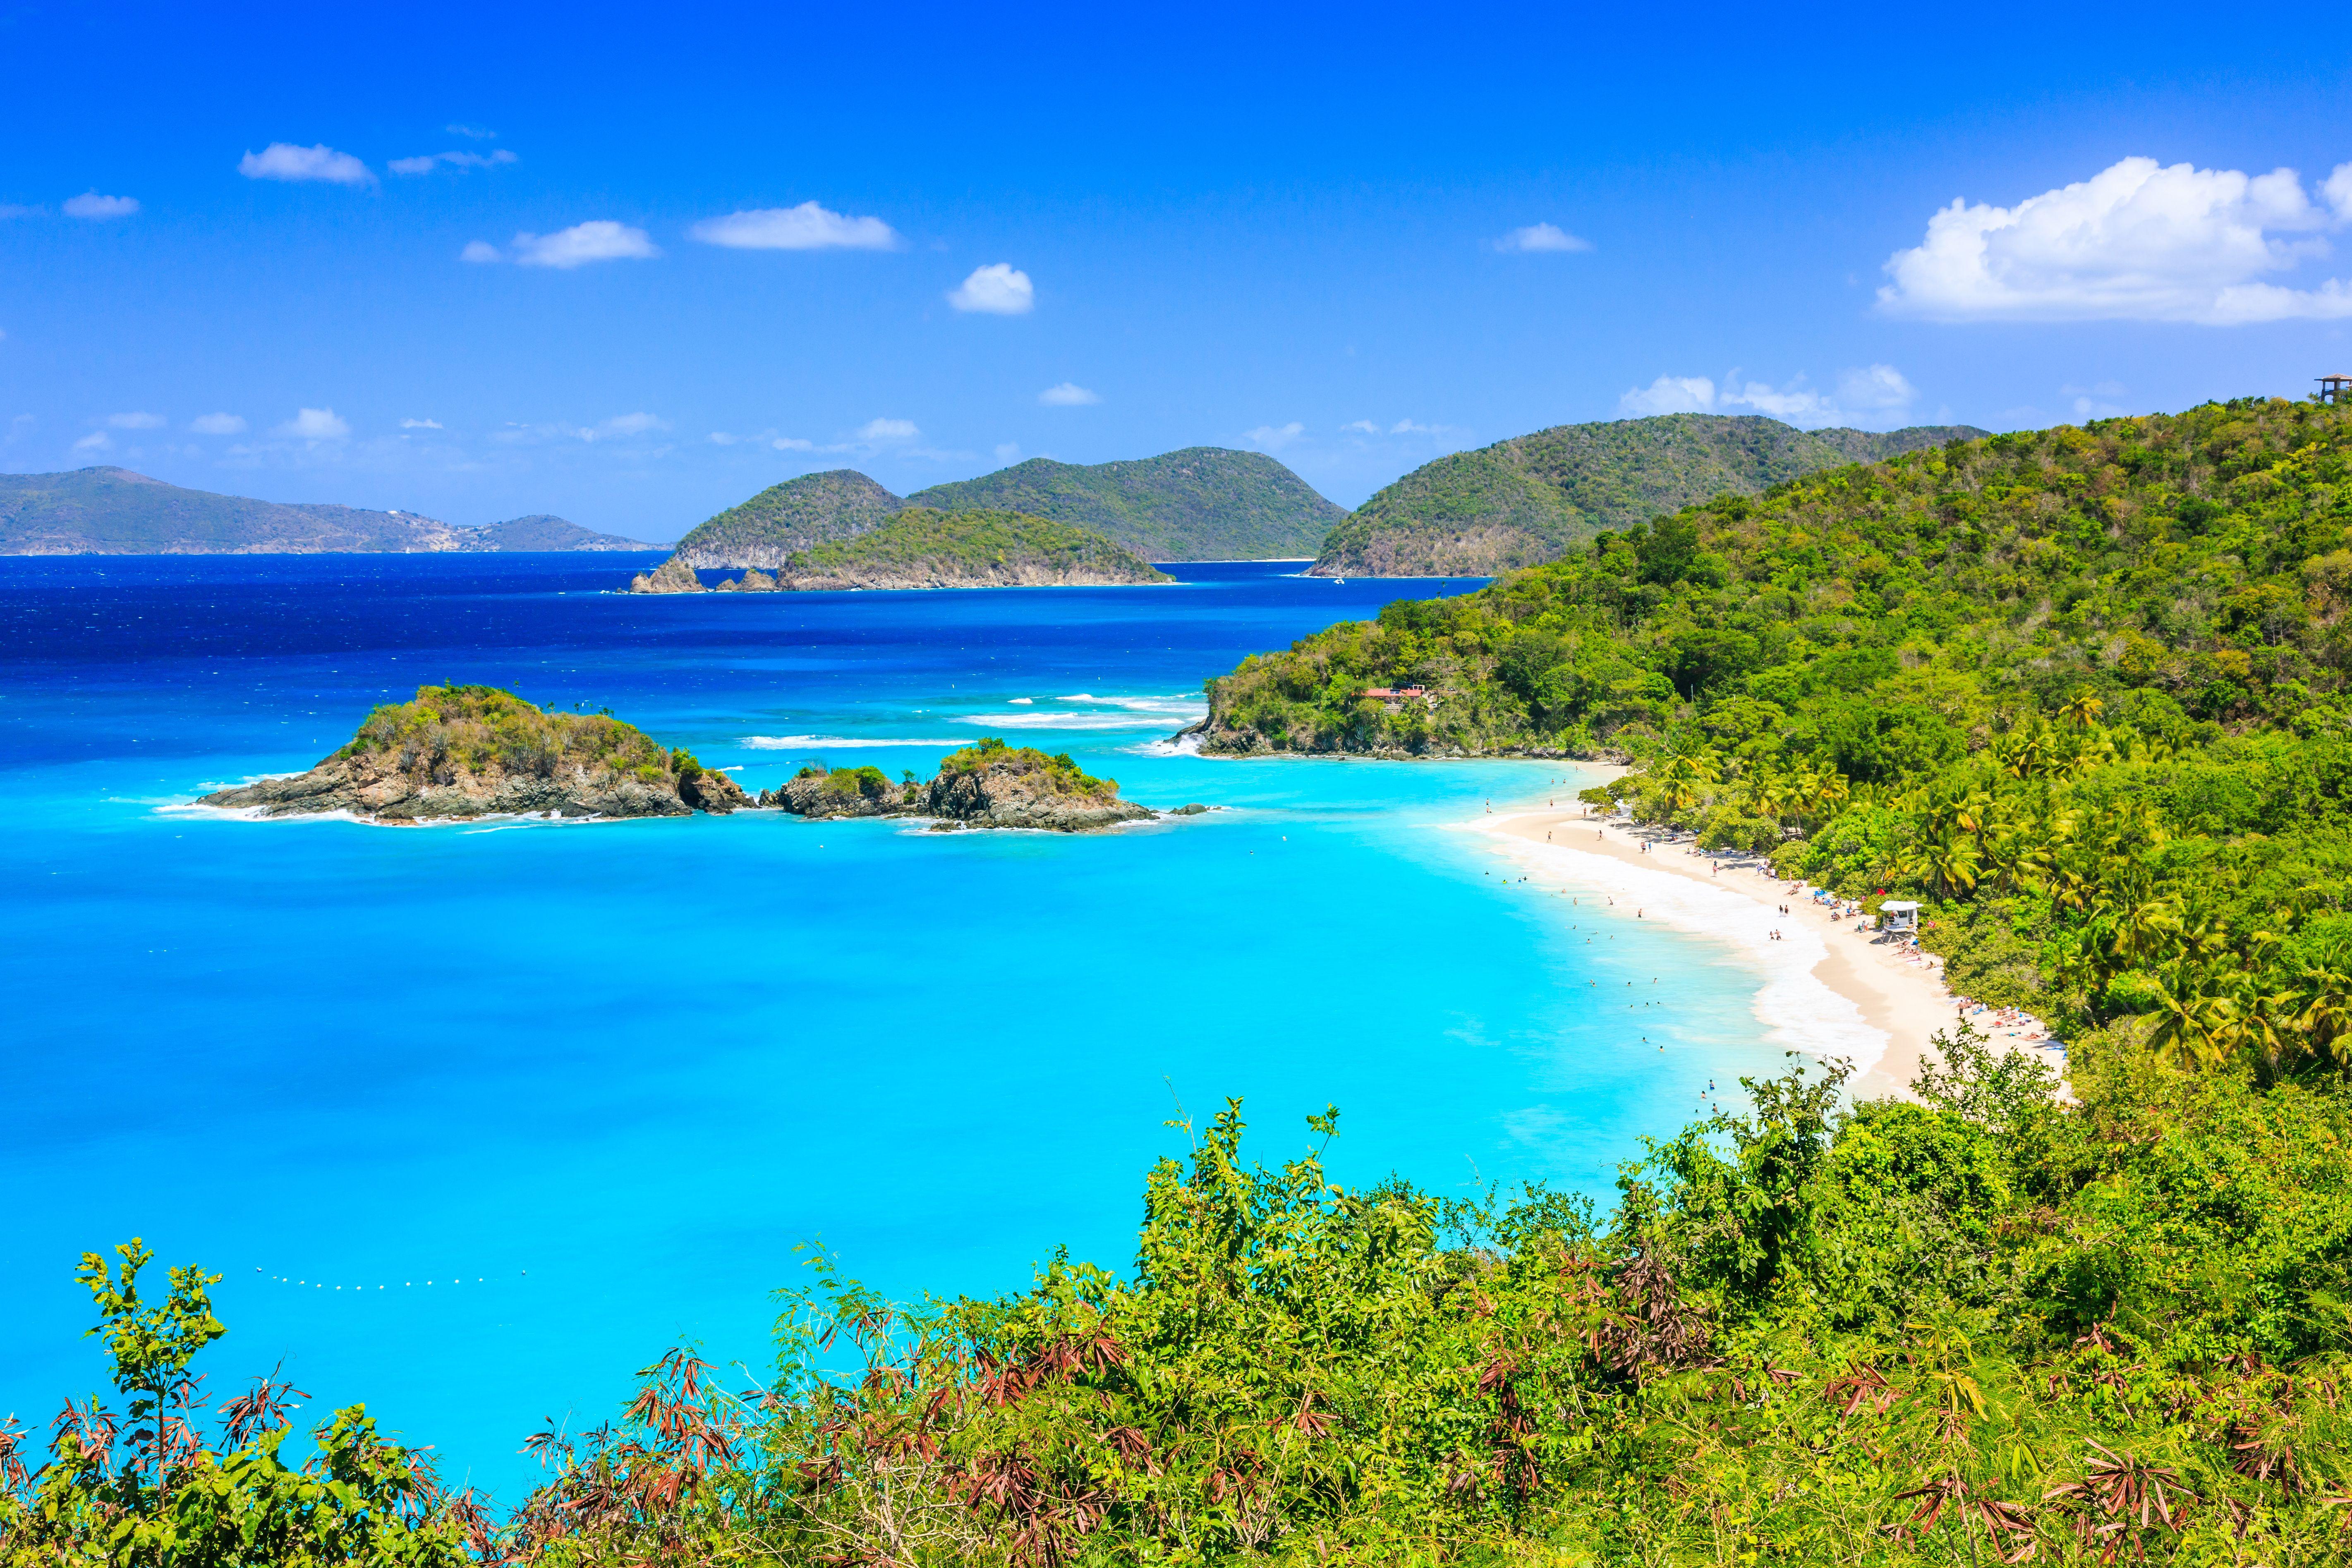 Karibské ostrovy nás nepřestávají fascinovat svou krásou a nevšedností.